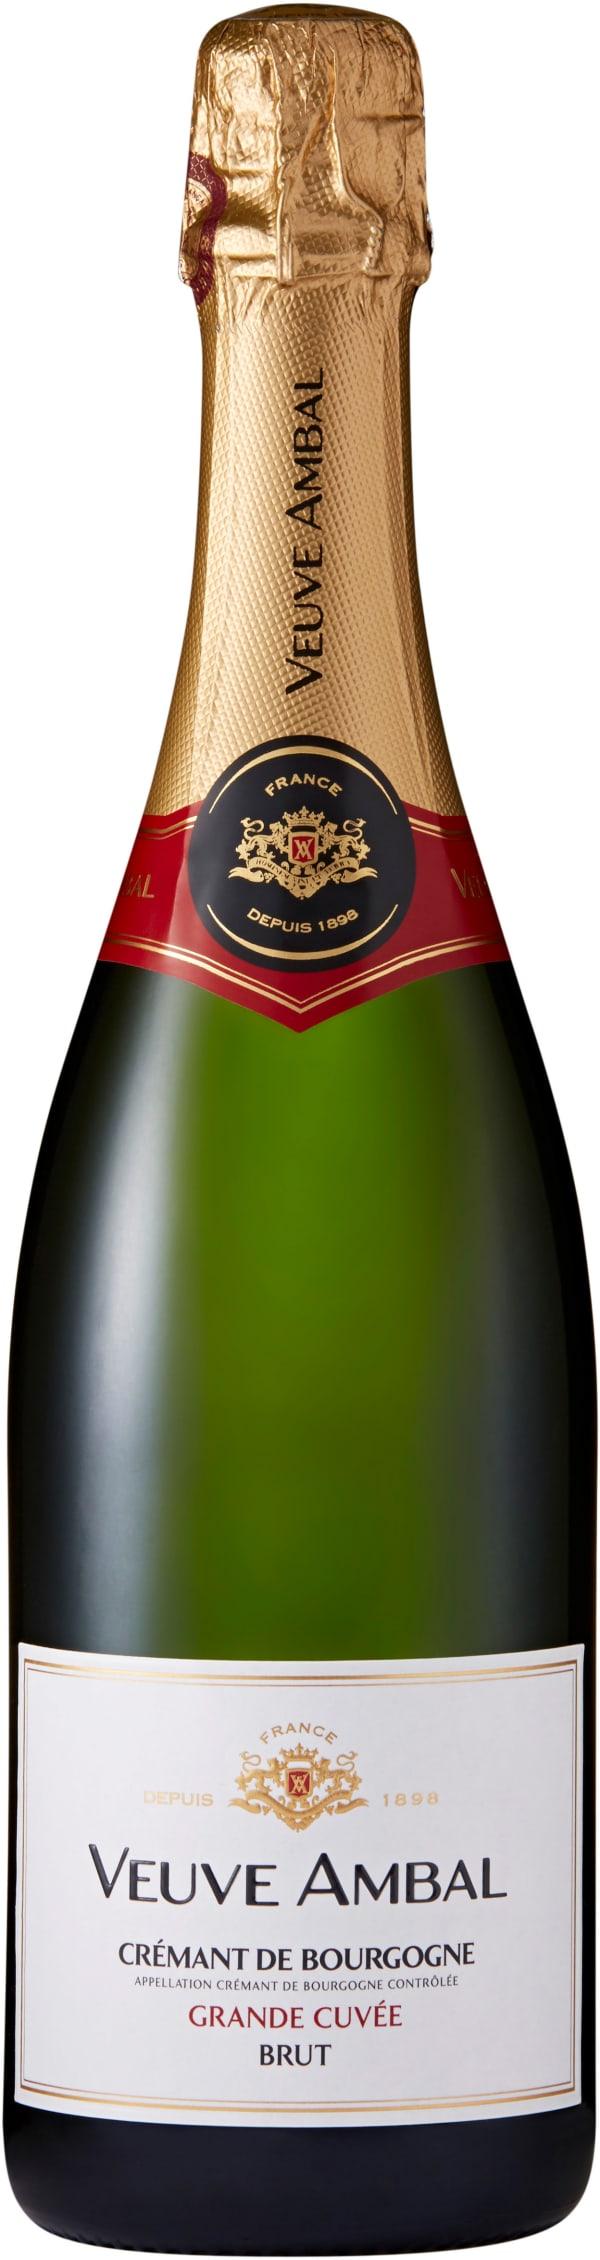 Veuve Ambal Grande Cuvée Crémant de Bourgogne Brut